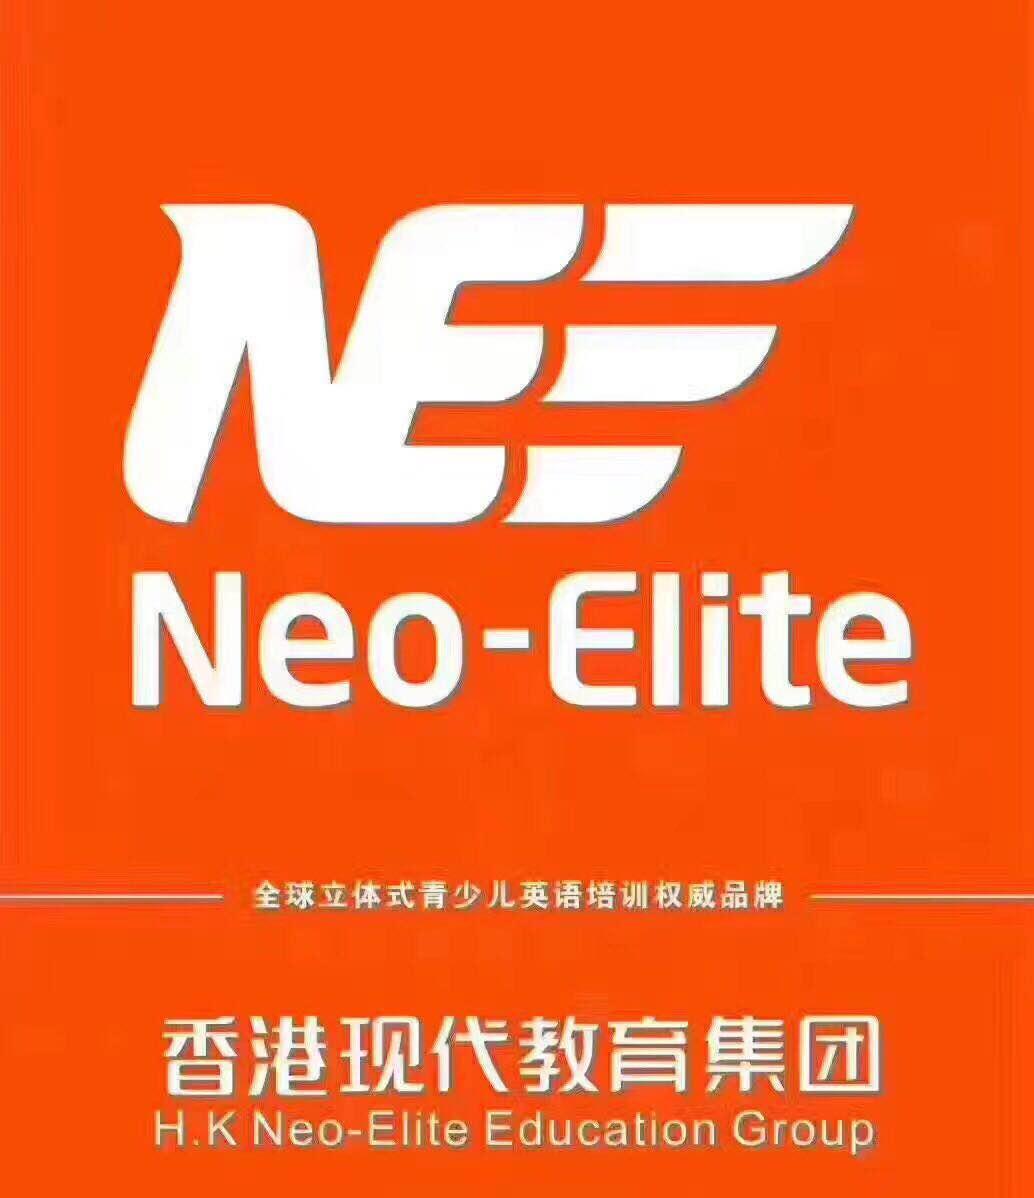 深圳市现代教育科技文化有限公司四川分公司logo